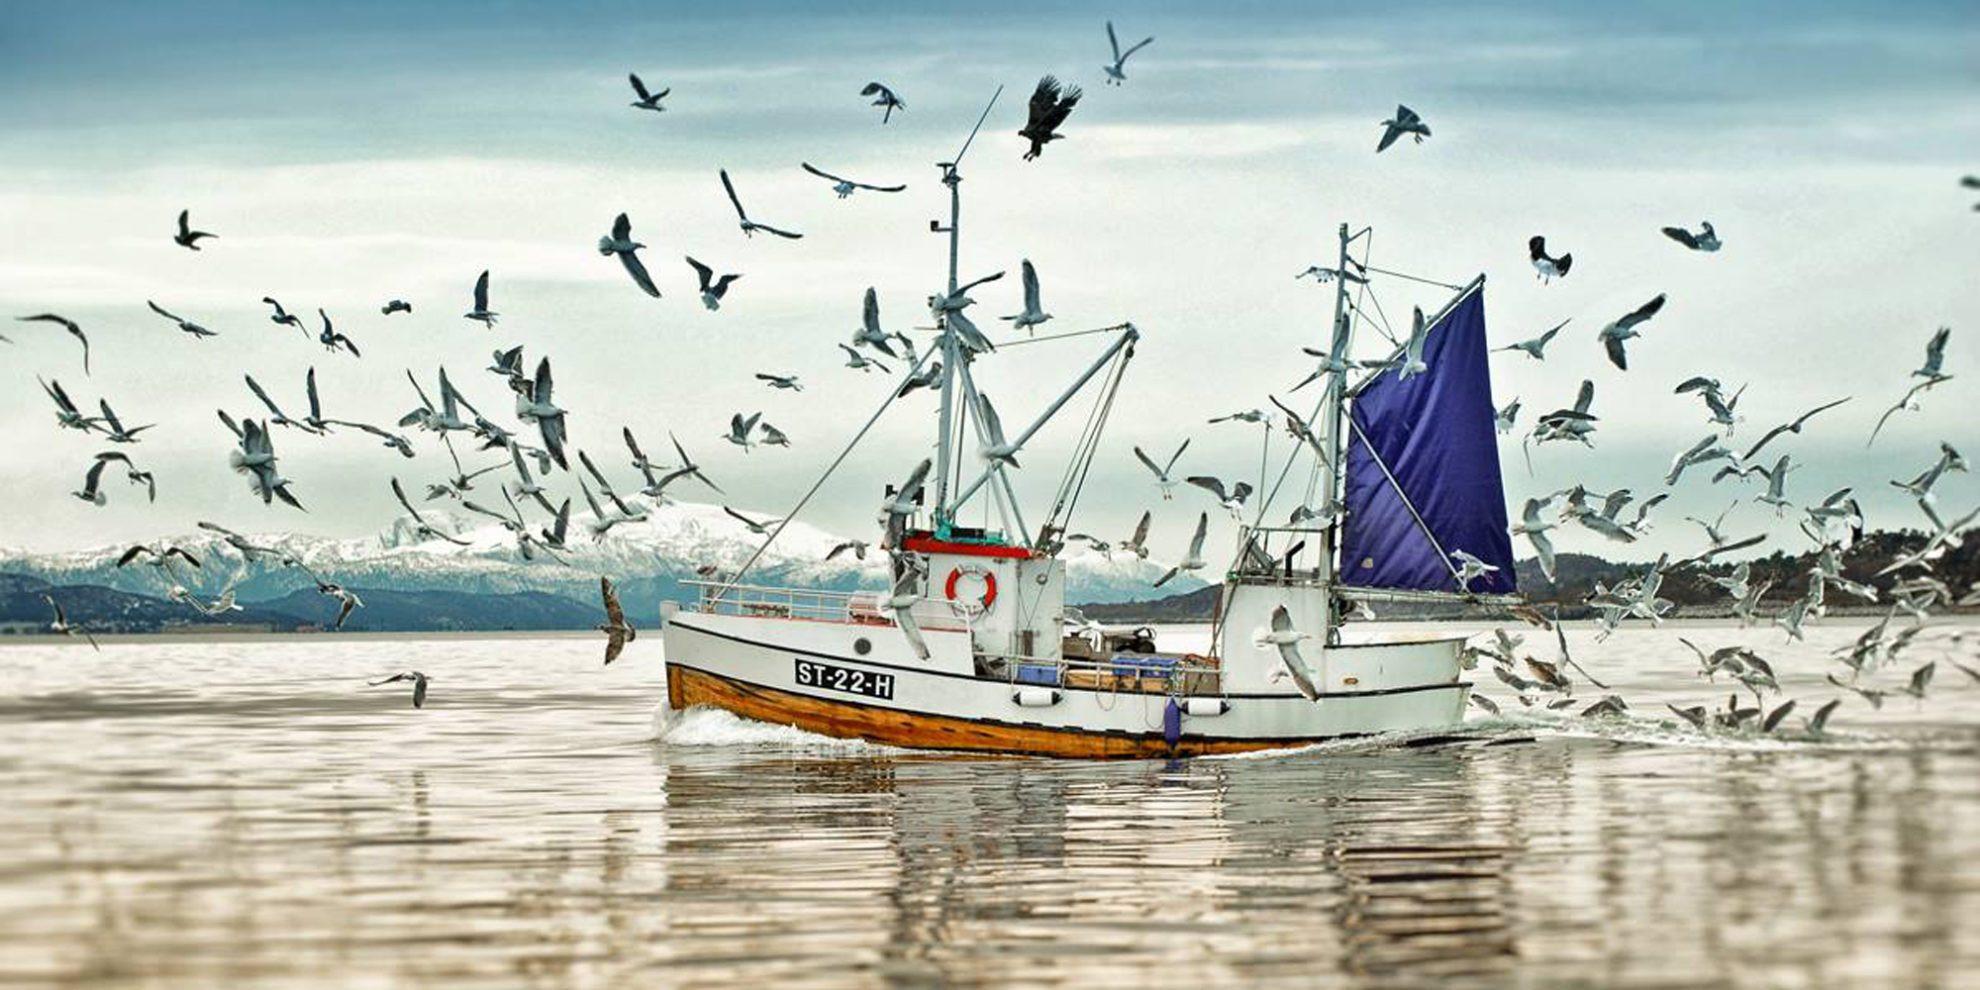 Ege ve Akdenizin korkulu rüyası olmuştu! Balon balığı ile mücadele için harekete geçildi